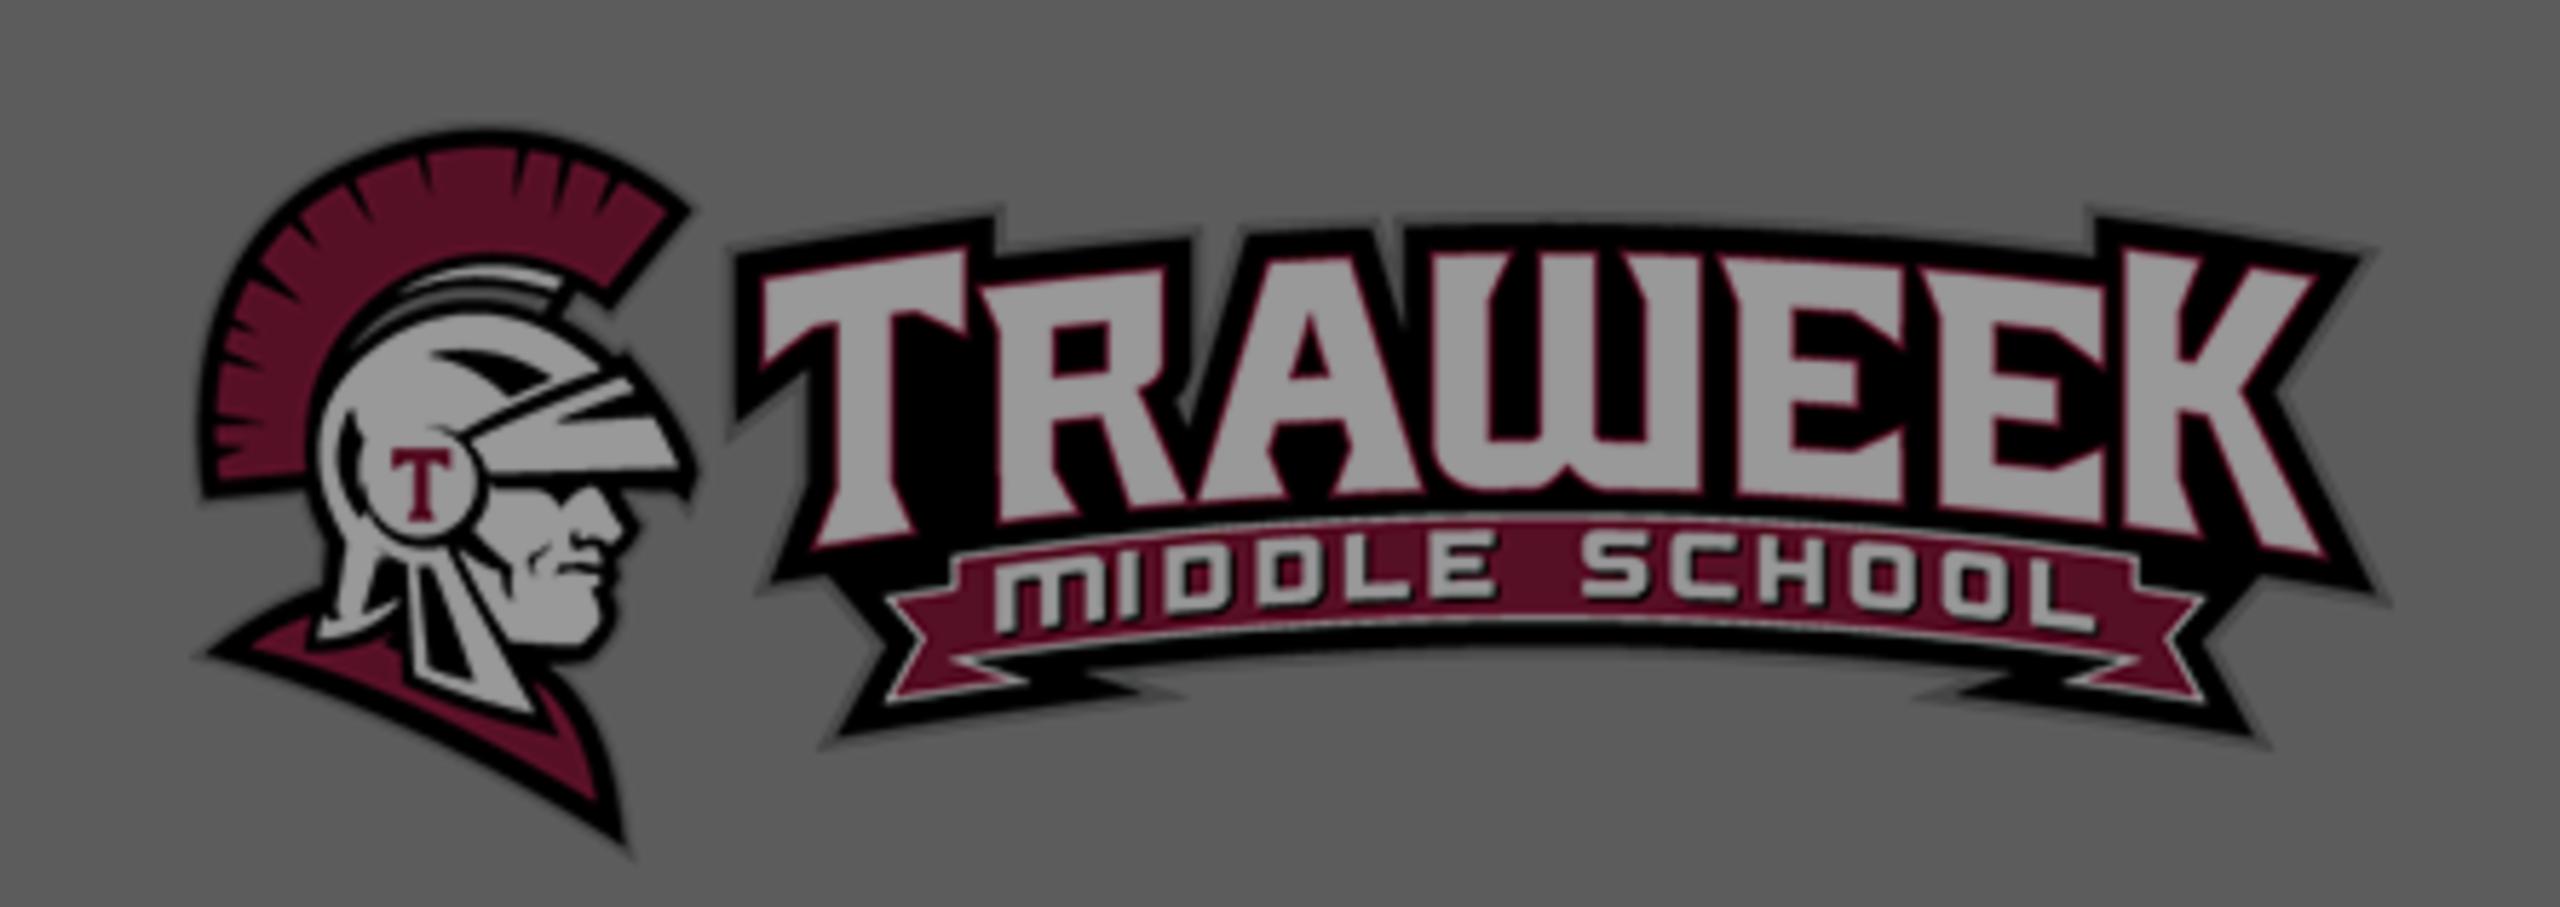 West Covina School of the Week: Traweek Middle School